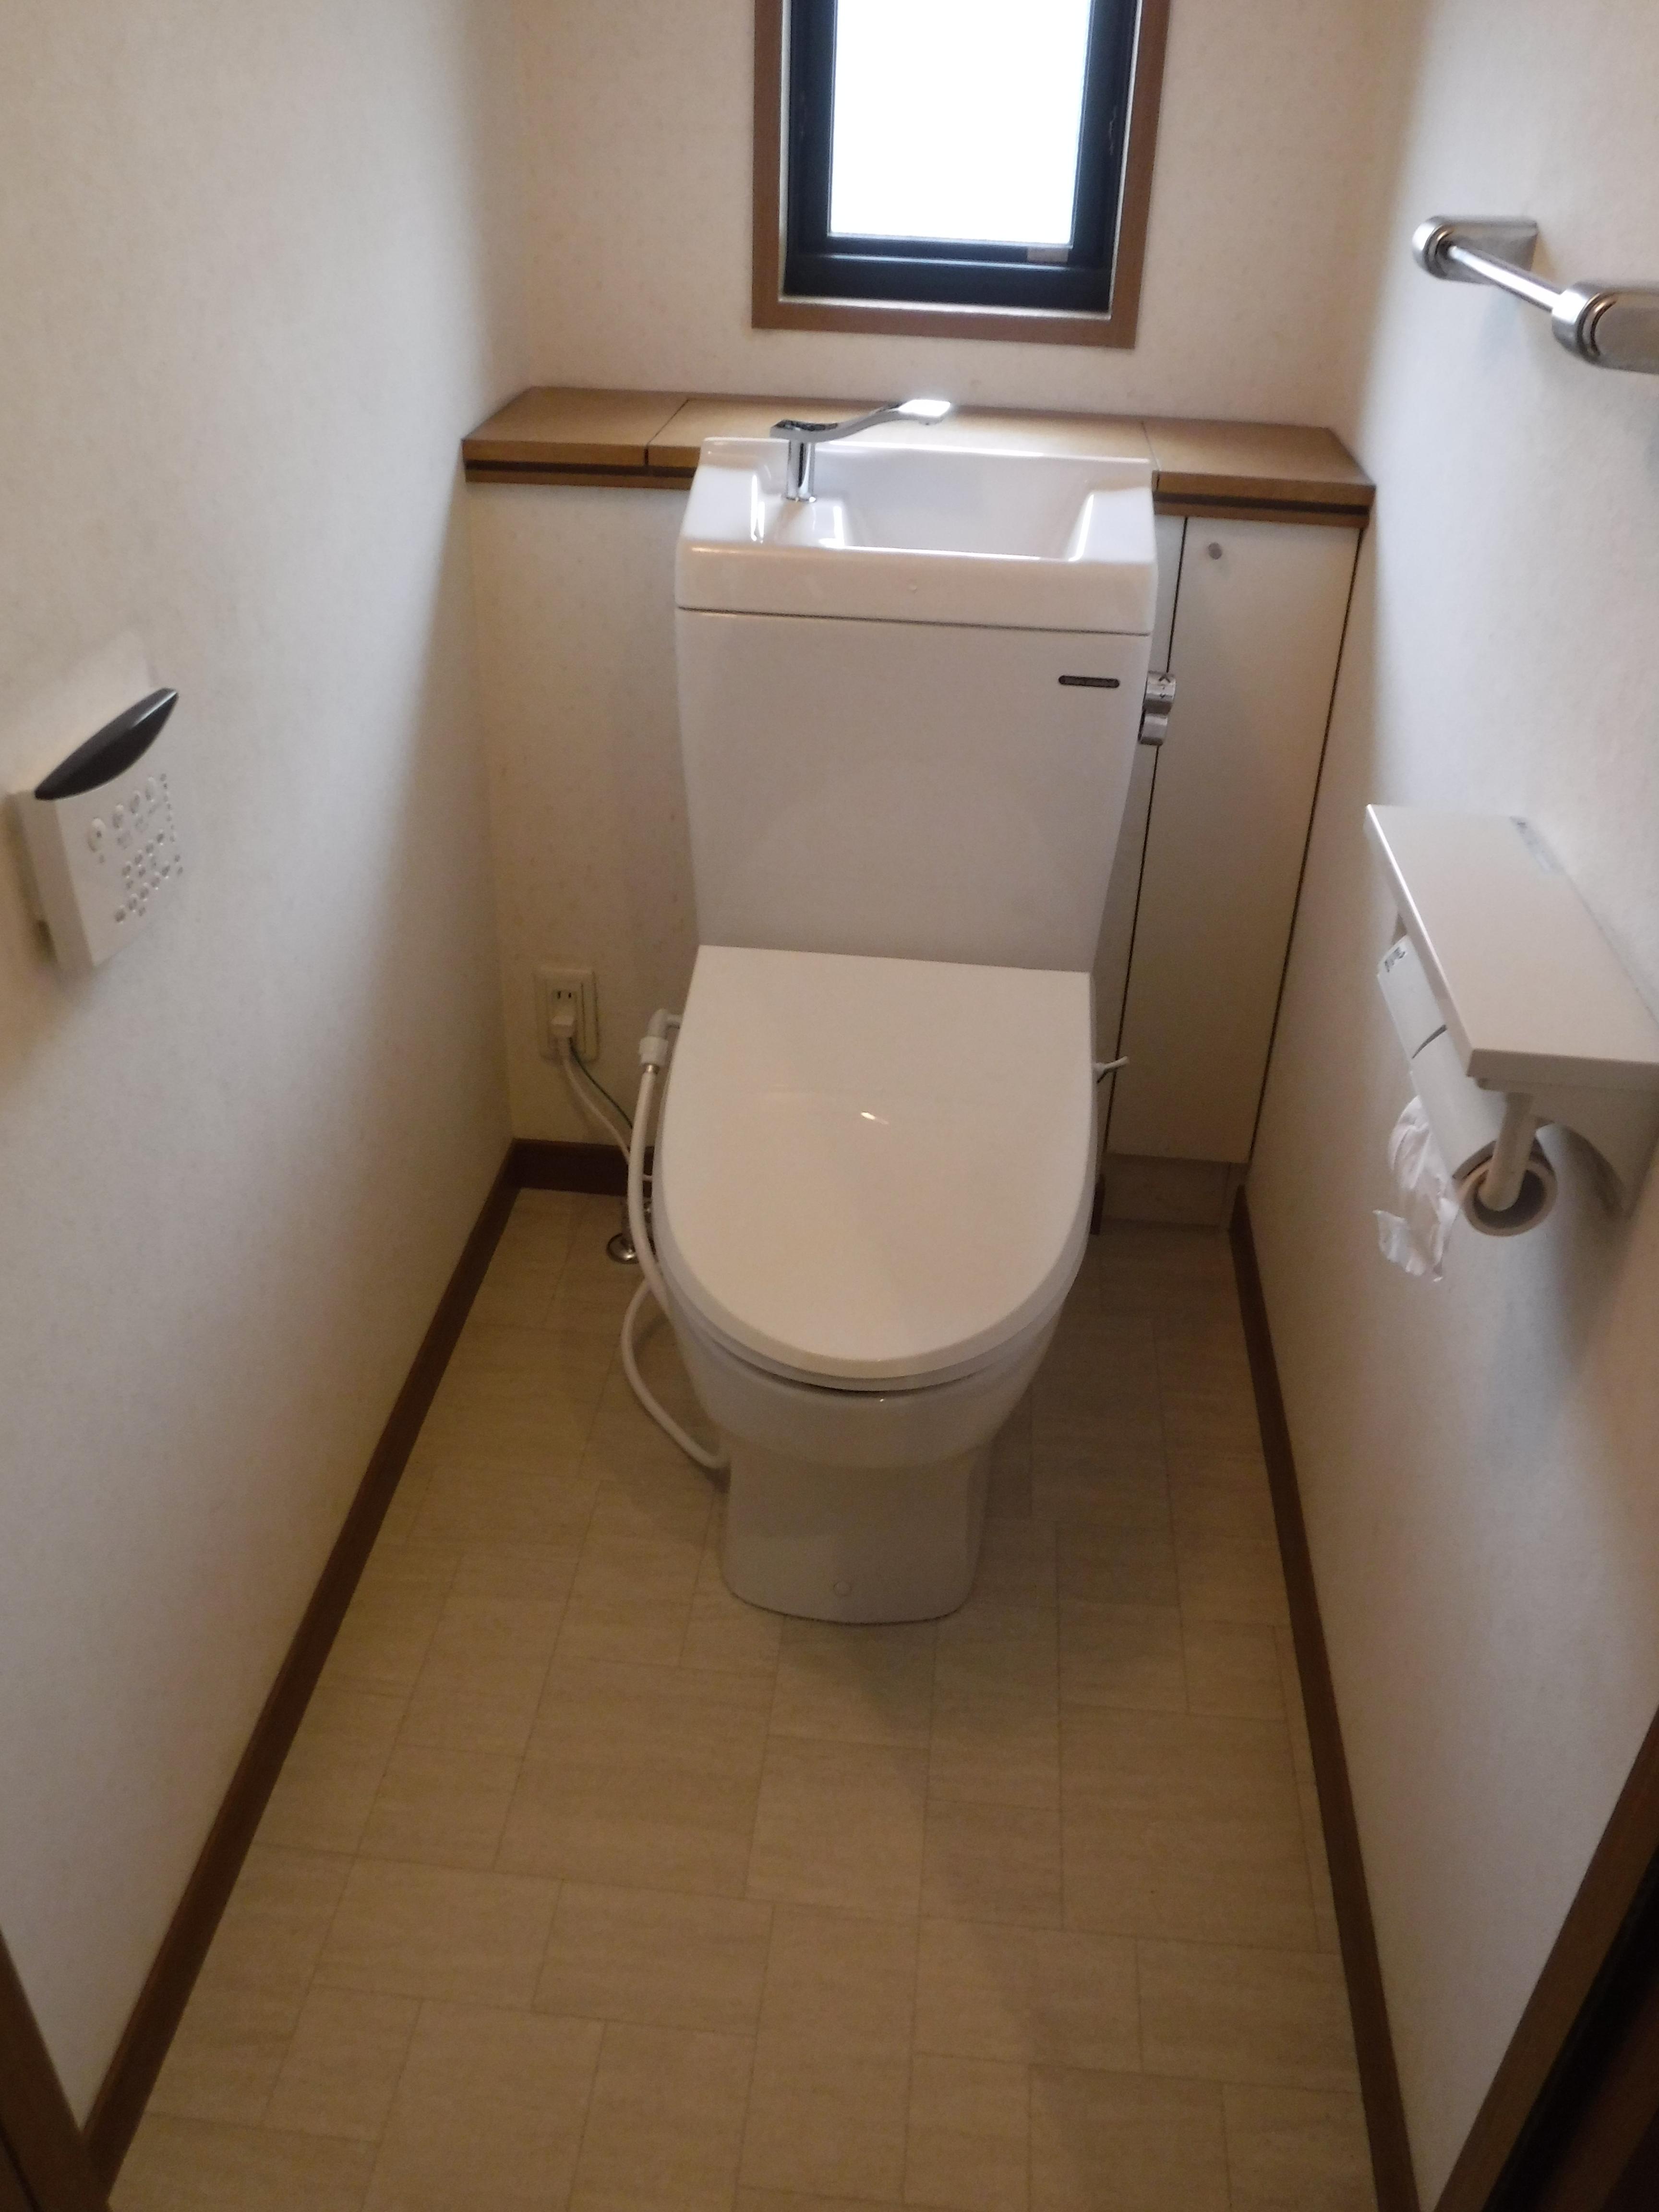 漏水が酷い・・・困った♪ 1Fトイレ